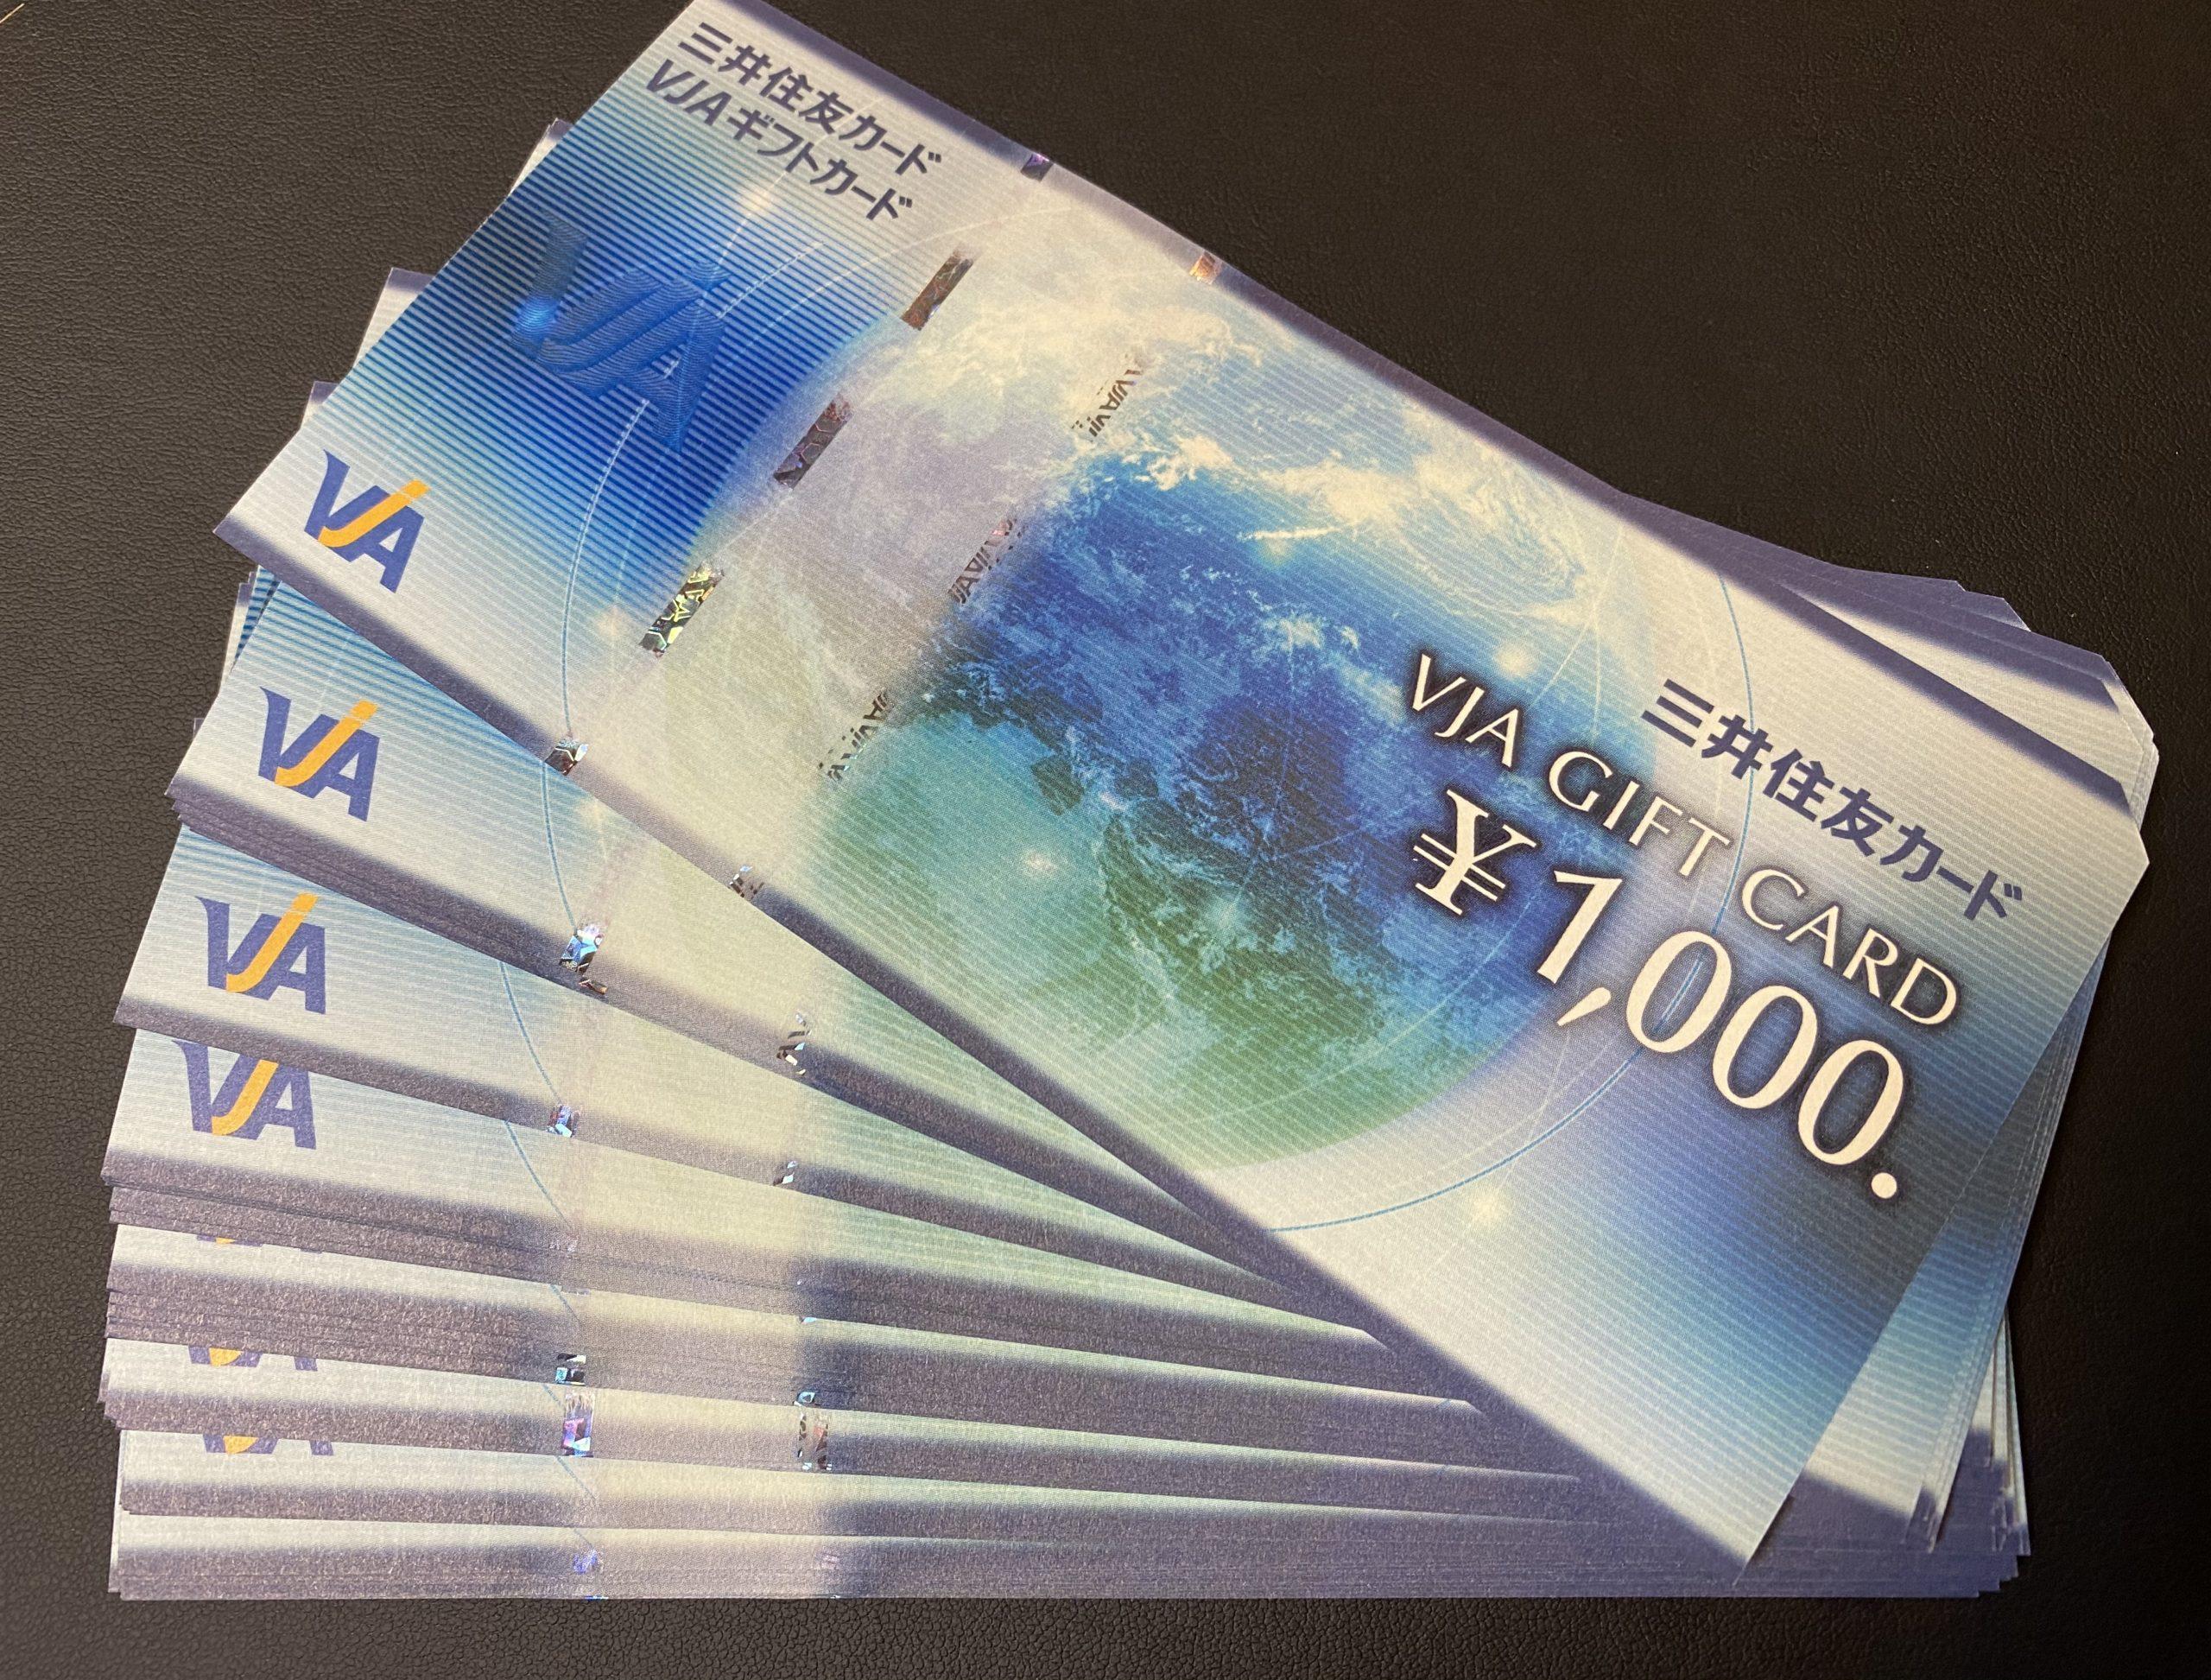 VJAギフトカードをお買取!価格の相場はおいくら?